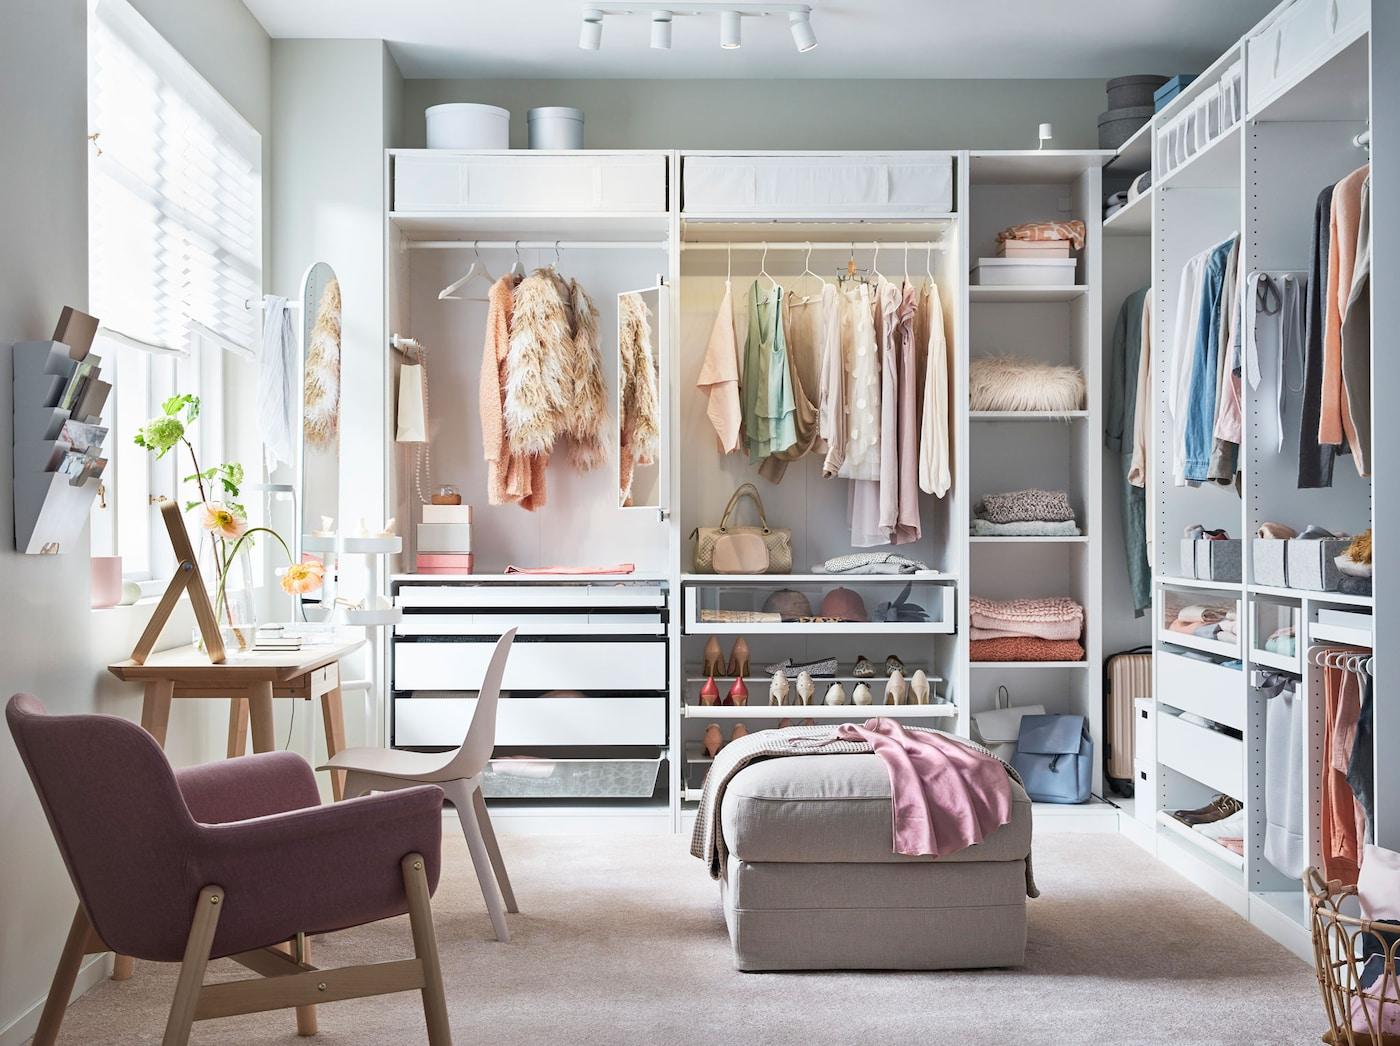 Passionnées Les De Mode Ikea Pour 29HIED